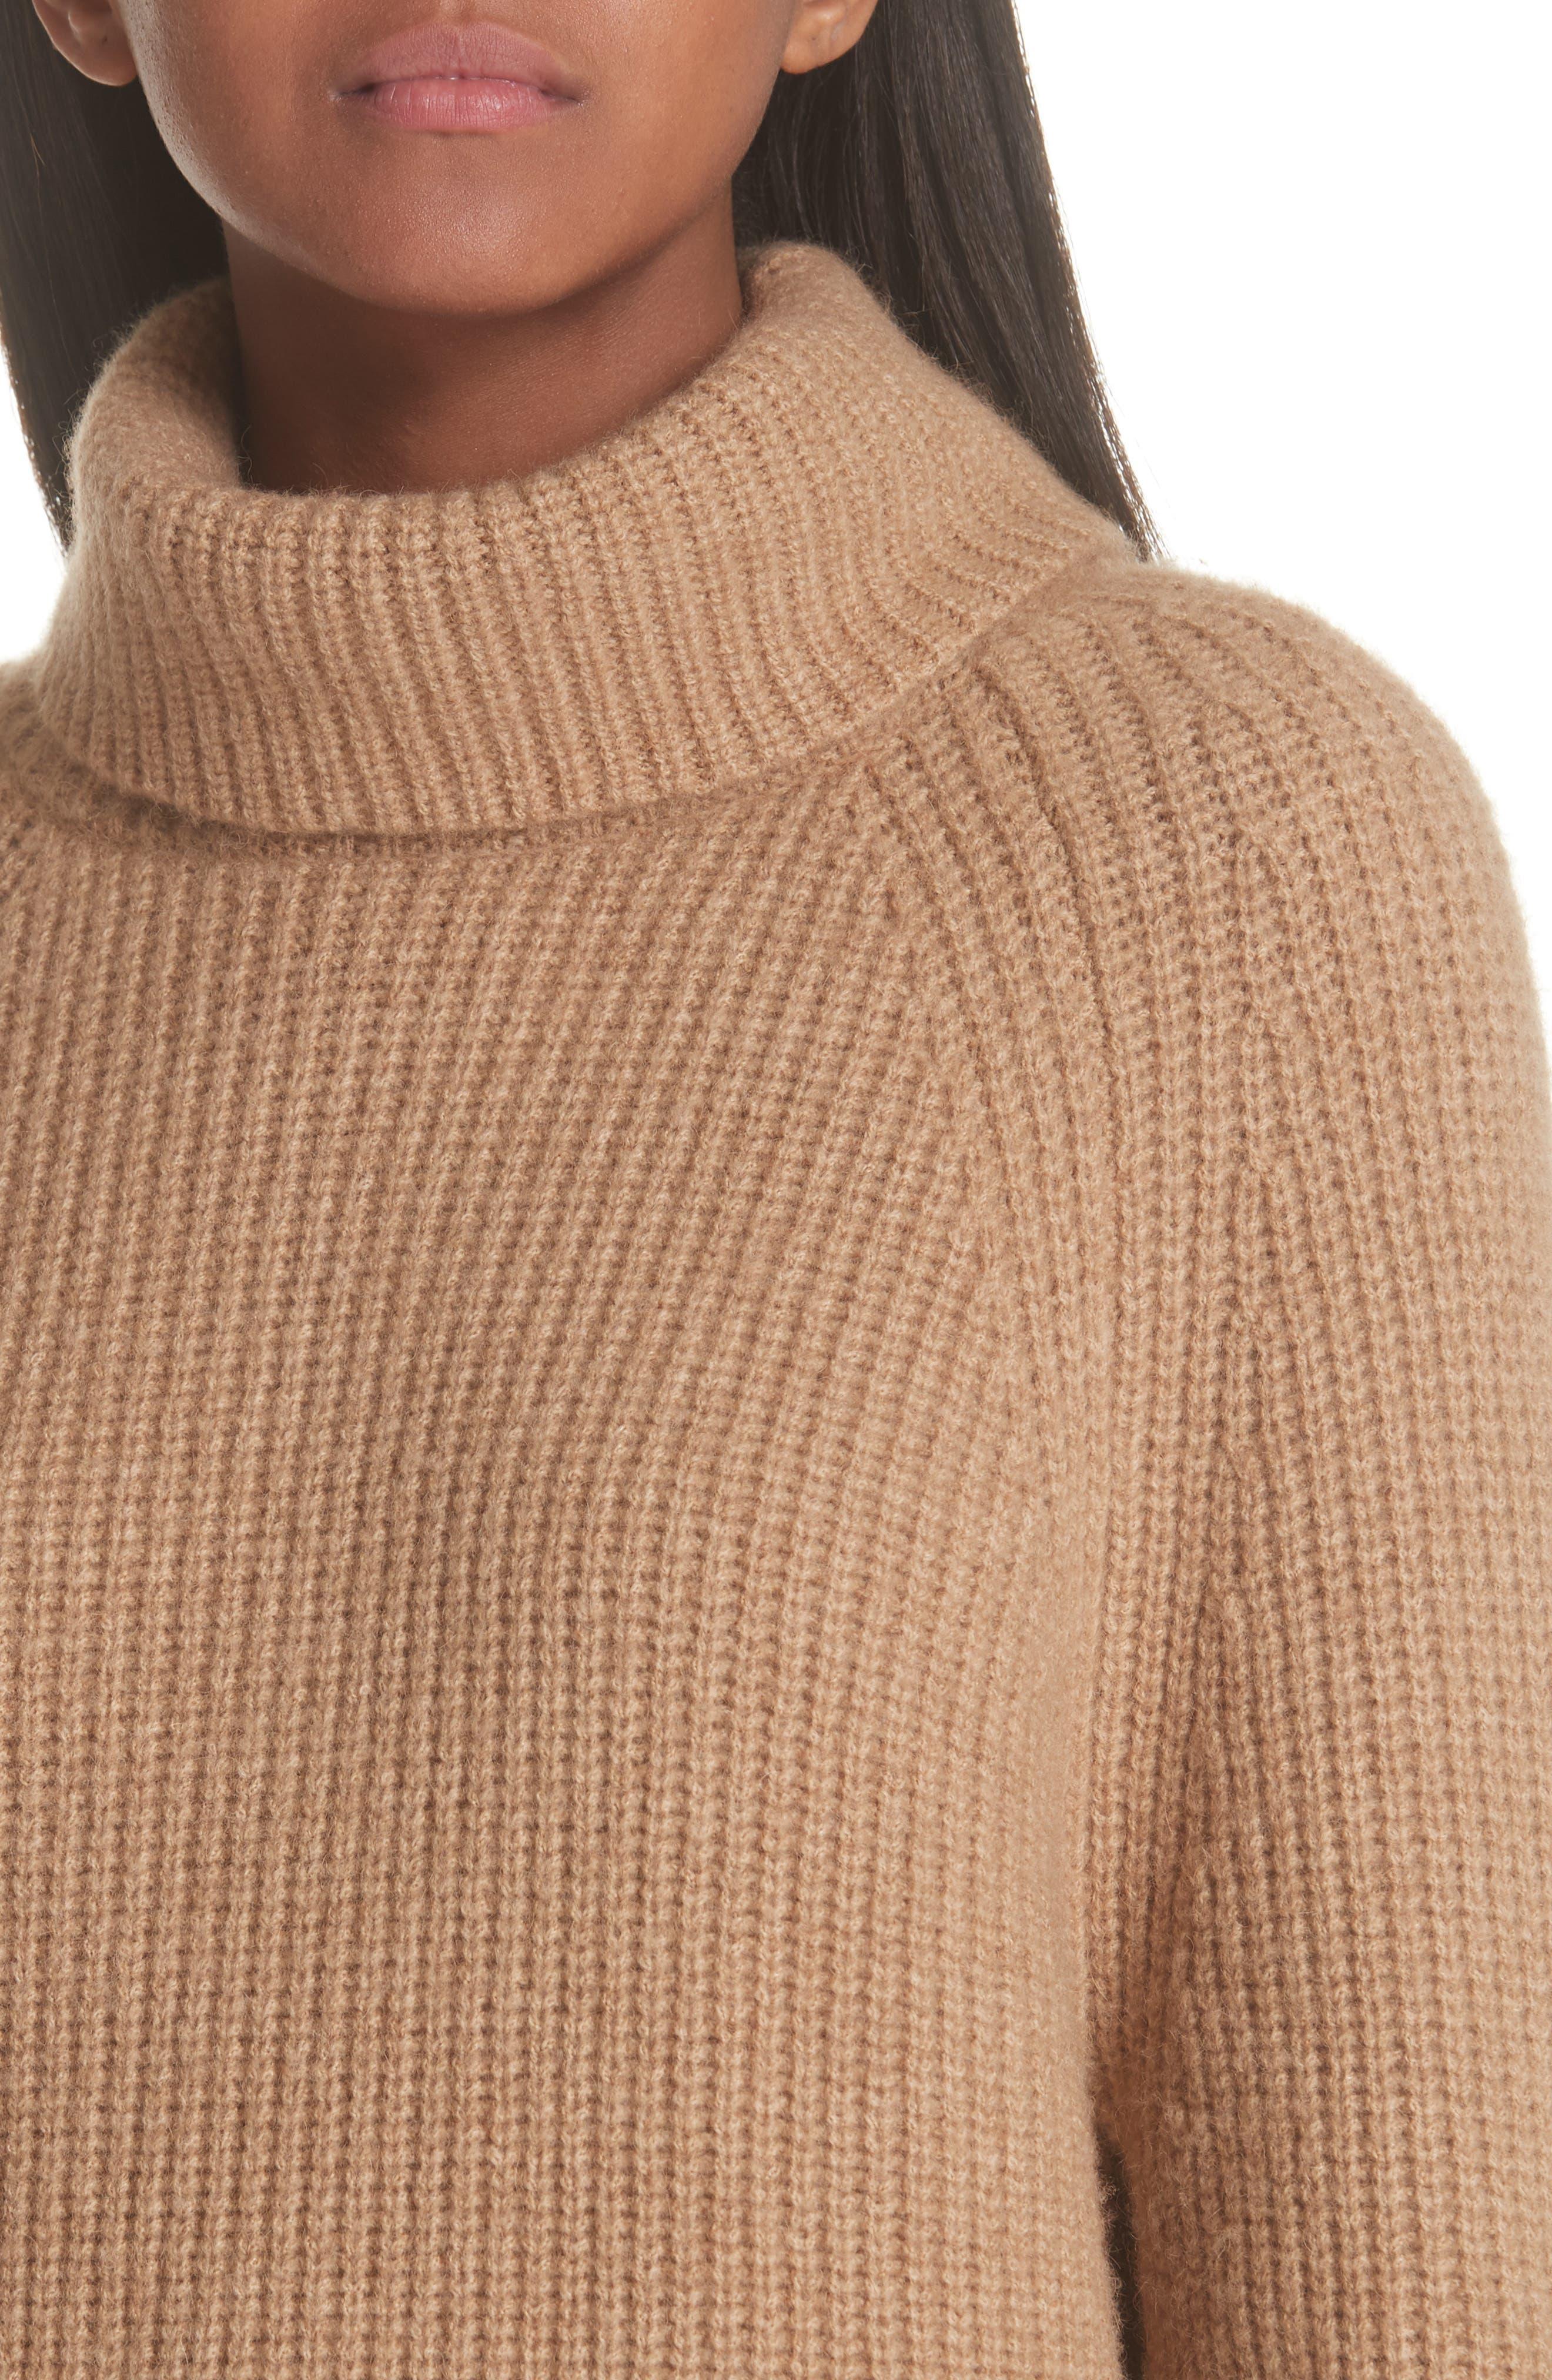 NILI LOTAN,                             Anitra Rib Knit Turtleneck Sweater,                             Alternate thumbnail 4, color,                             261